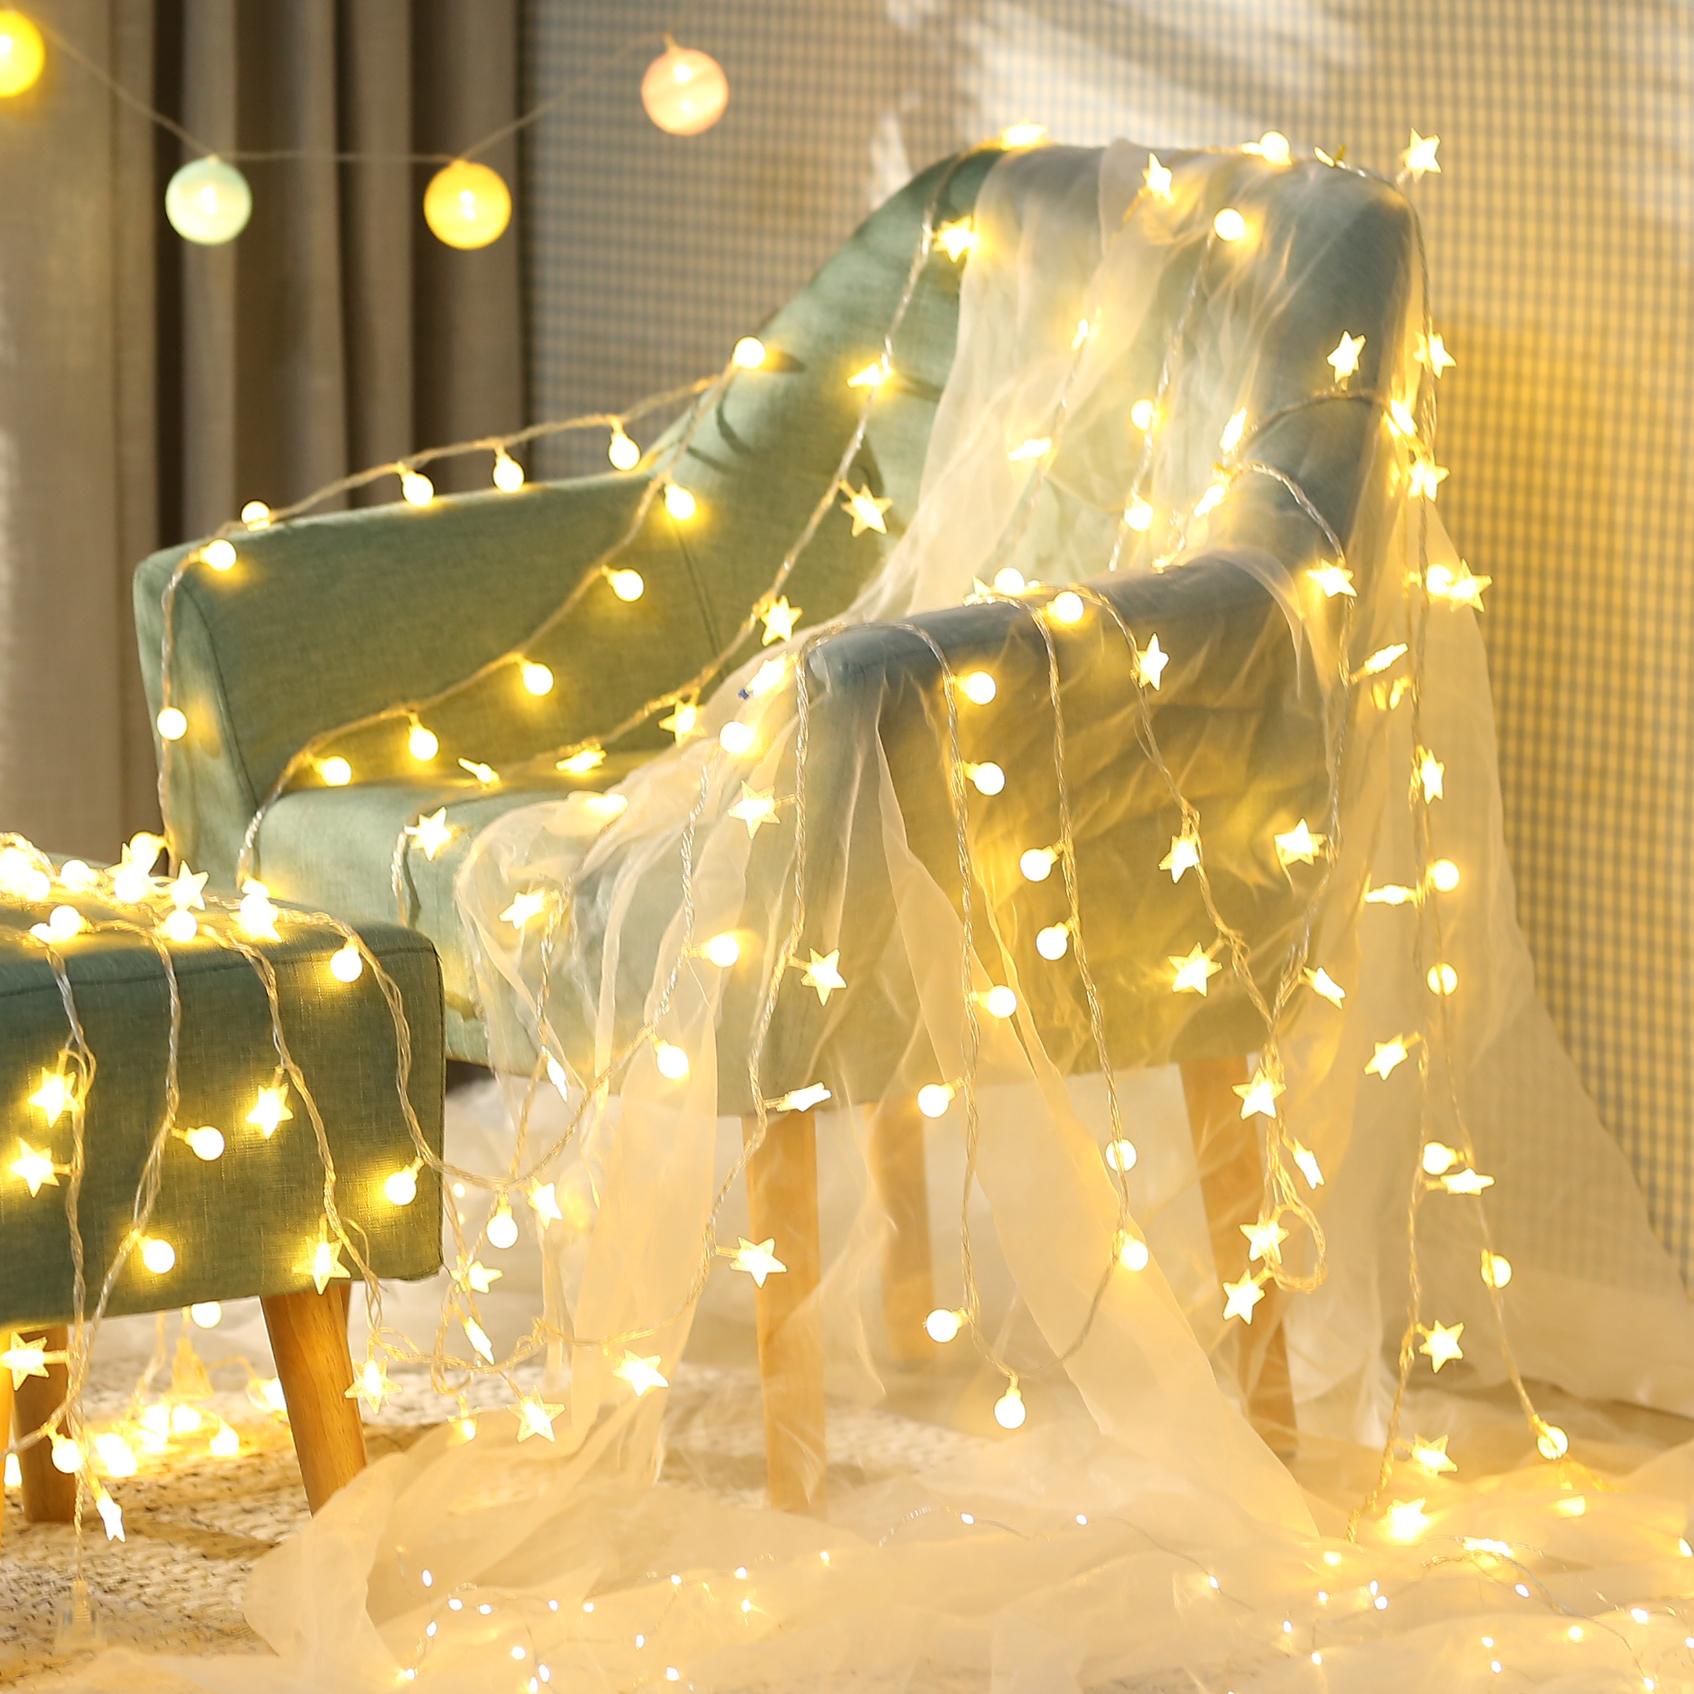 led星星灯小彩灯闪灯串灯满天星少女心房间卧室浪漫布置网红装饰